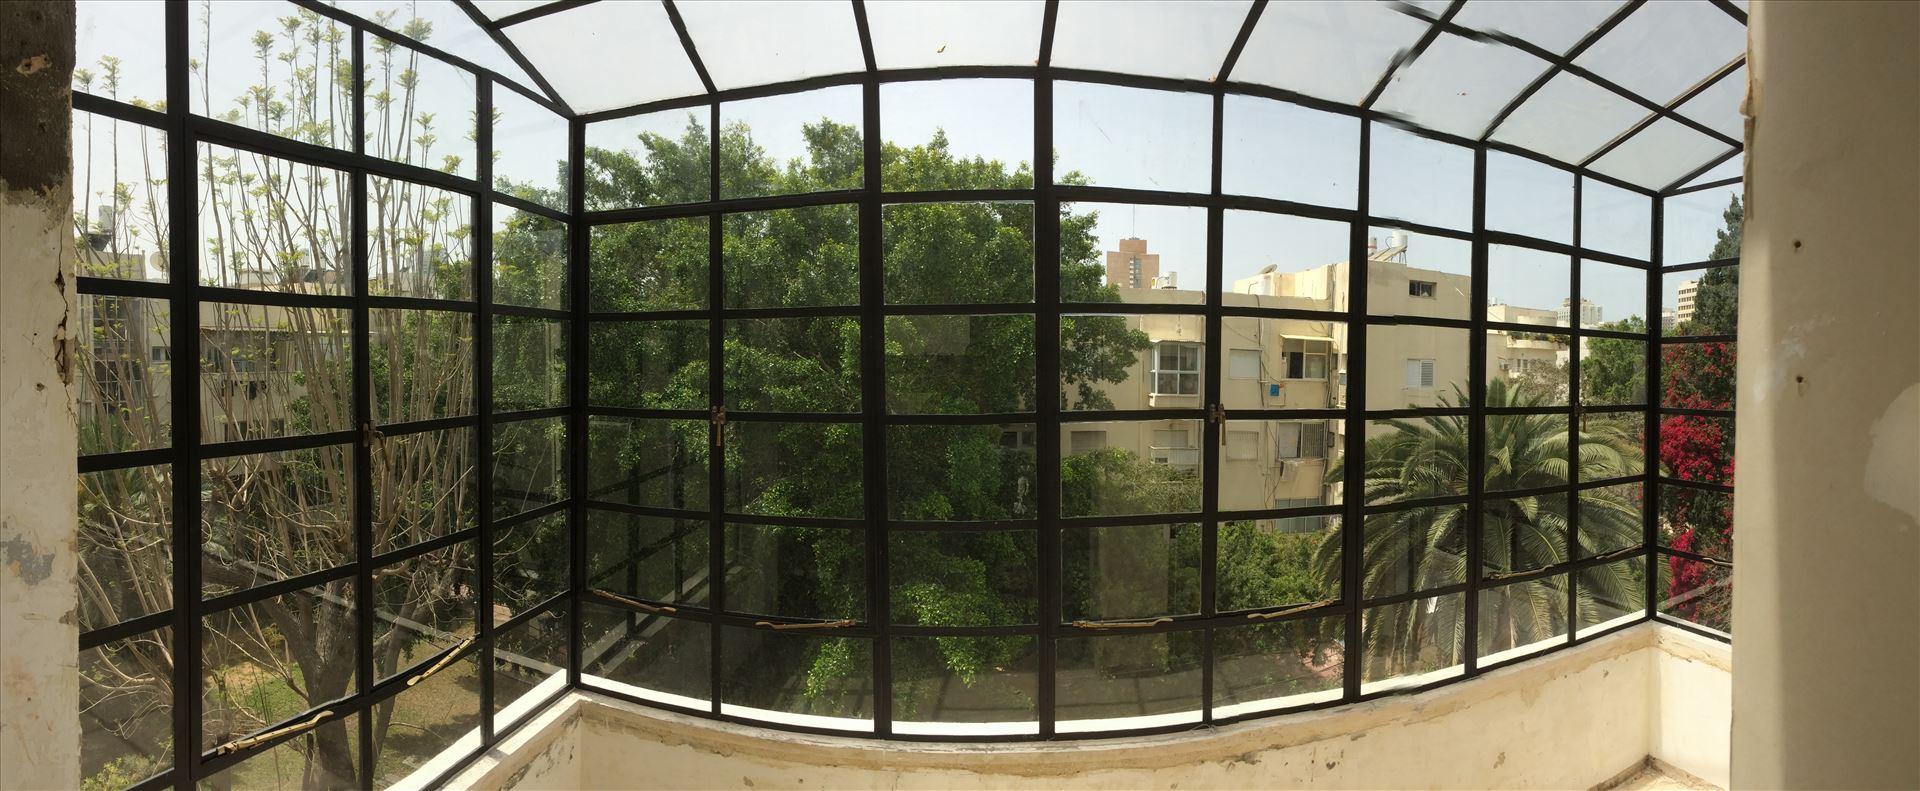 פרופיל בלגי ברזל שחור למרפסת גדולה